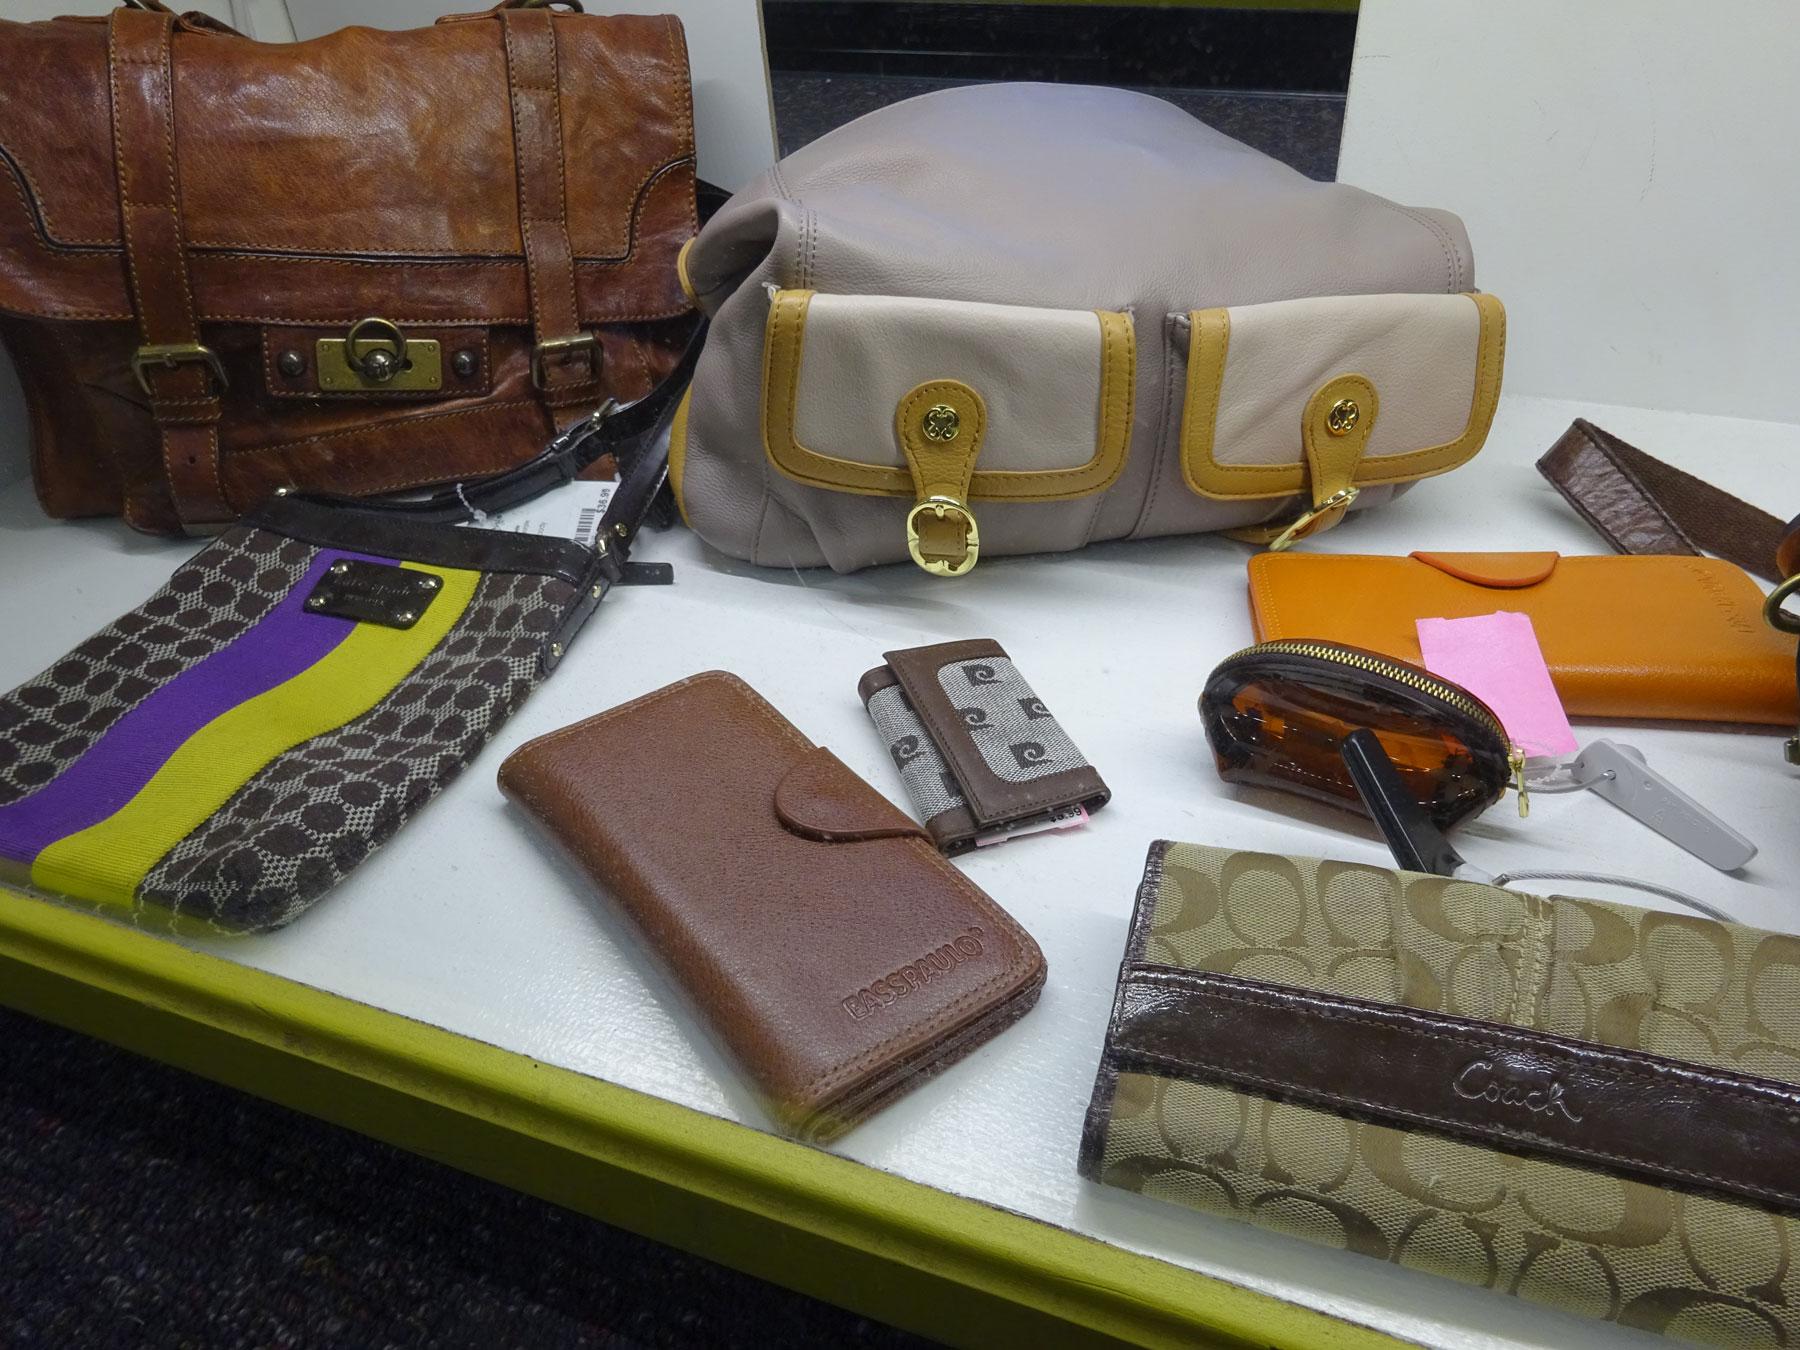 DSC00867-purses-clutches-1800x1350